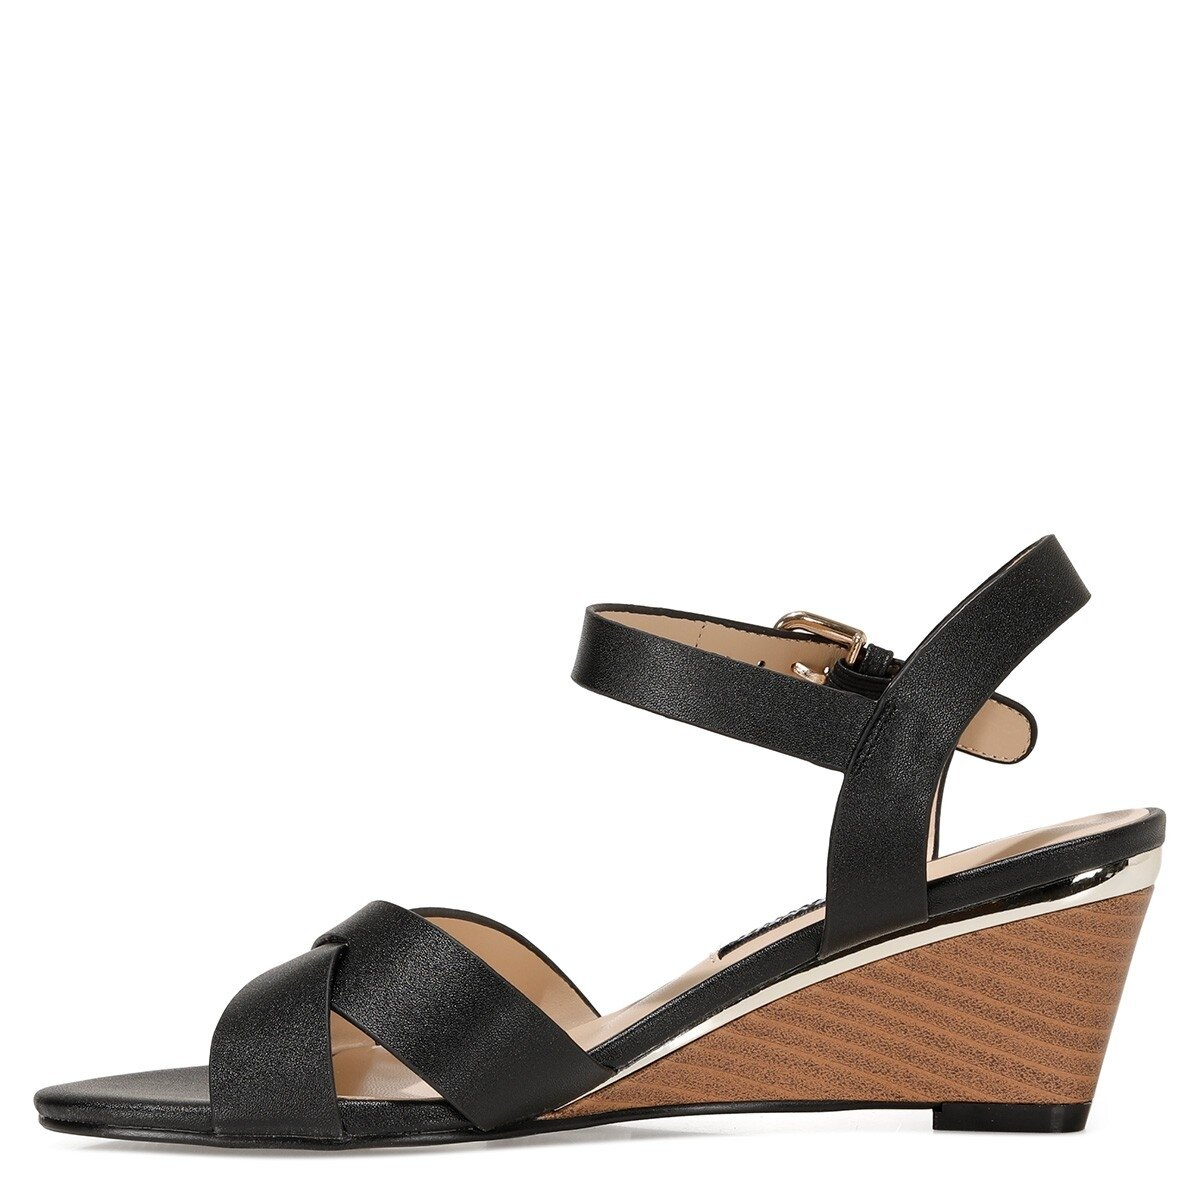 HEWELL 1FX Siyah Kadın Dolgu Topuklu Sandalet